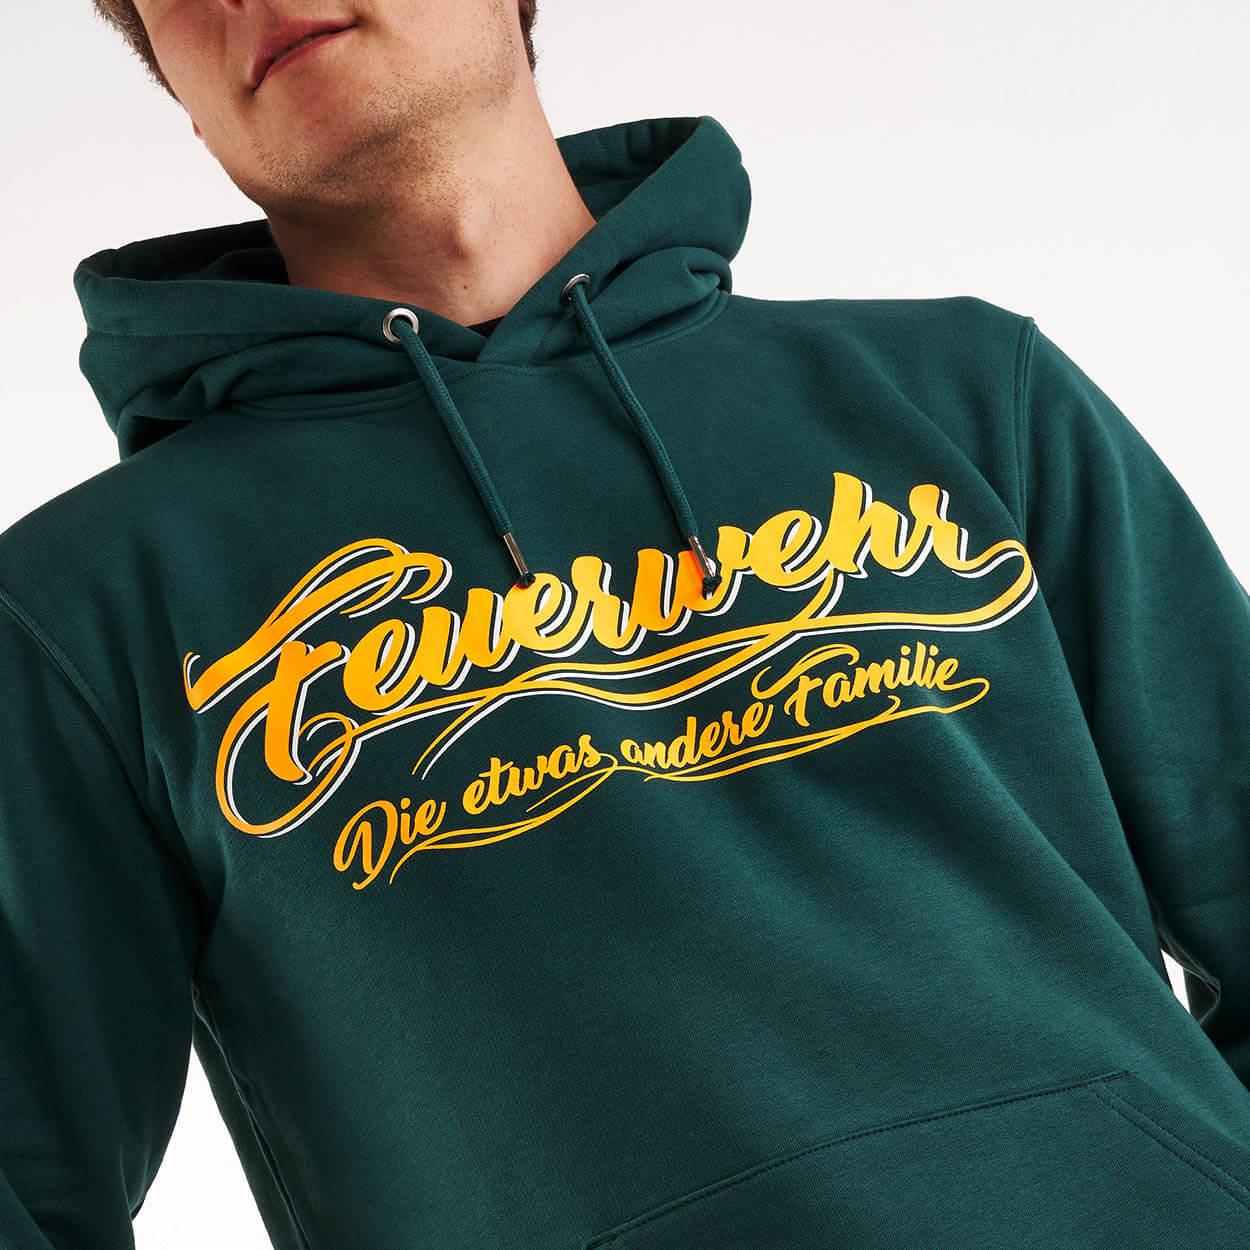 Feuerwehr, die etwas andere Familie - Kapuzensweater Männer grün